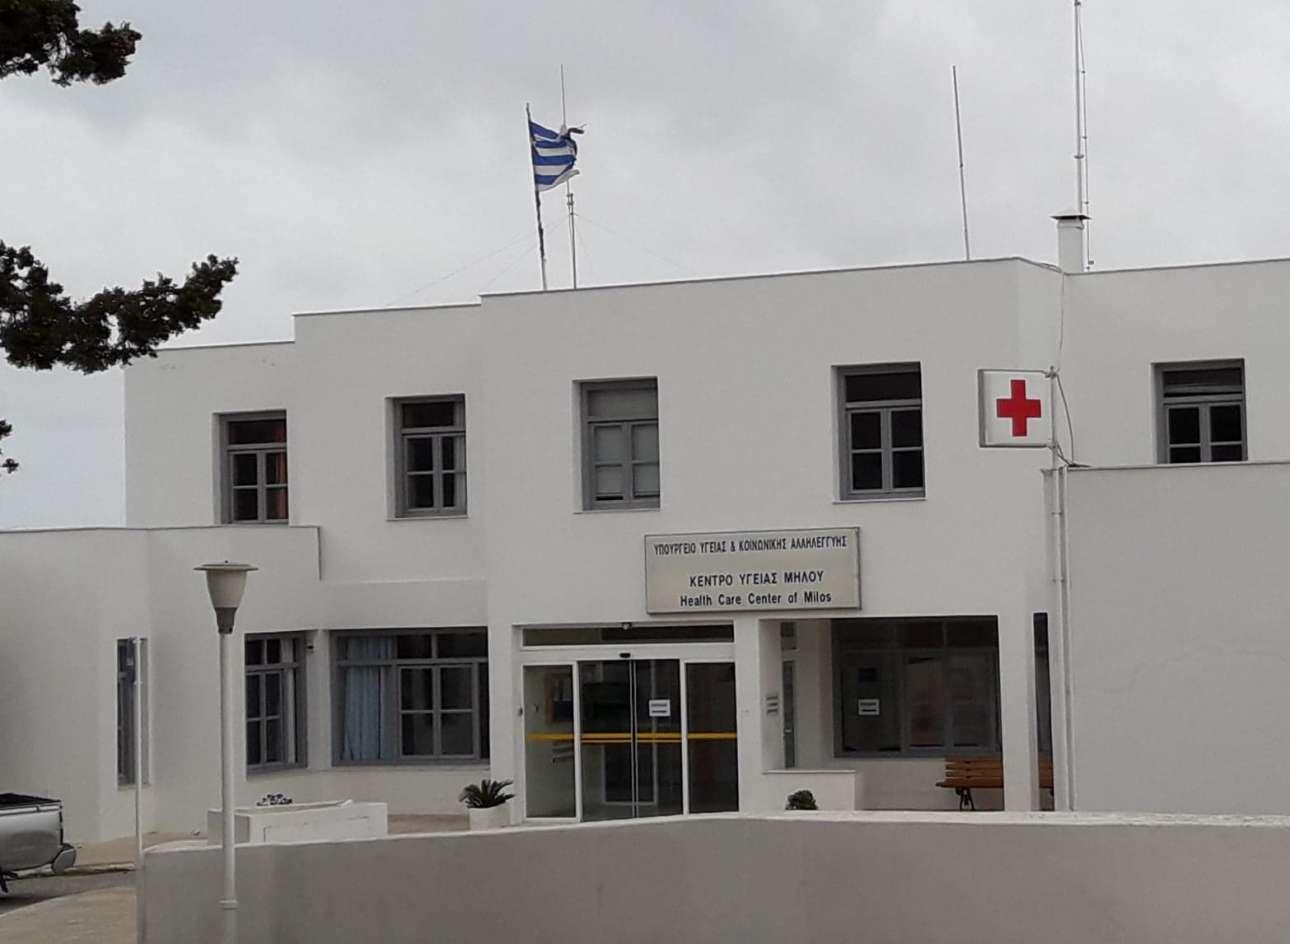 Εισιτήριο 20 ευρώ για τους τουρίστες στα Κέντρα Υγείας